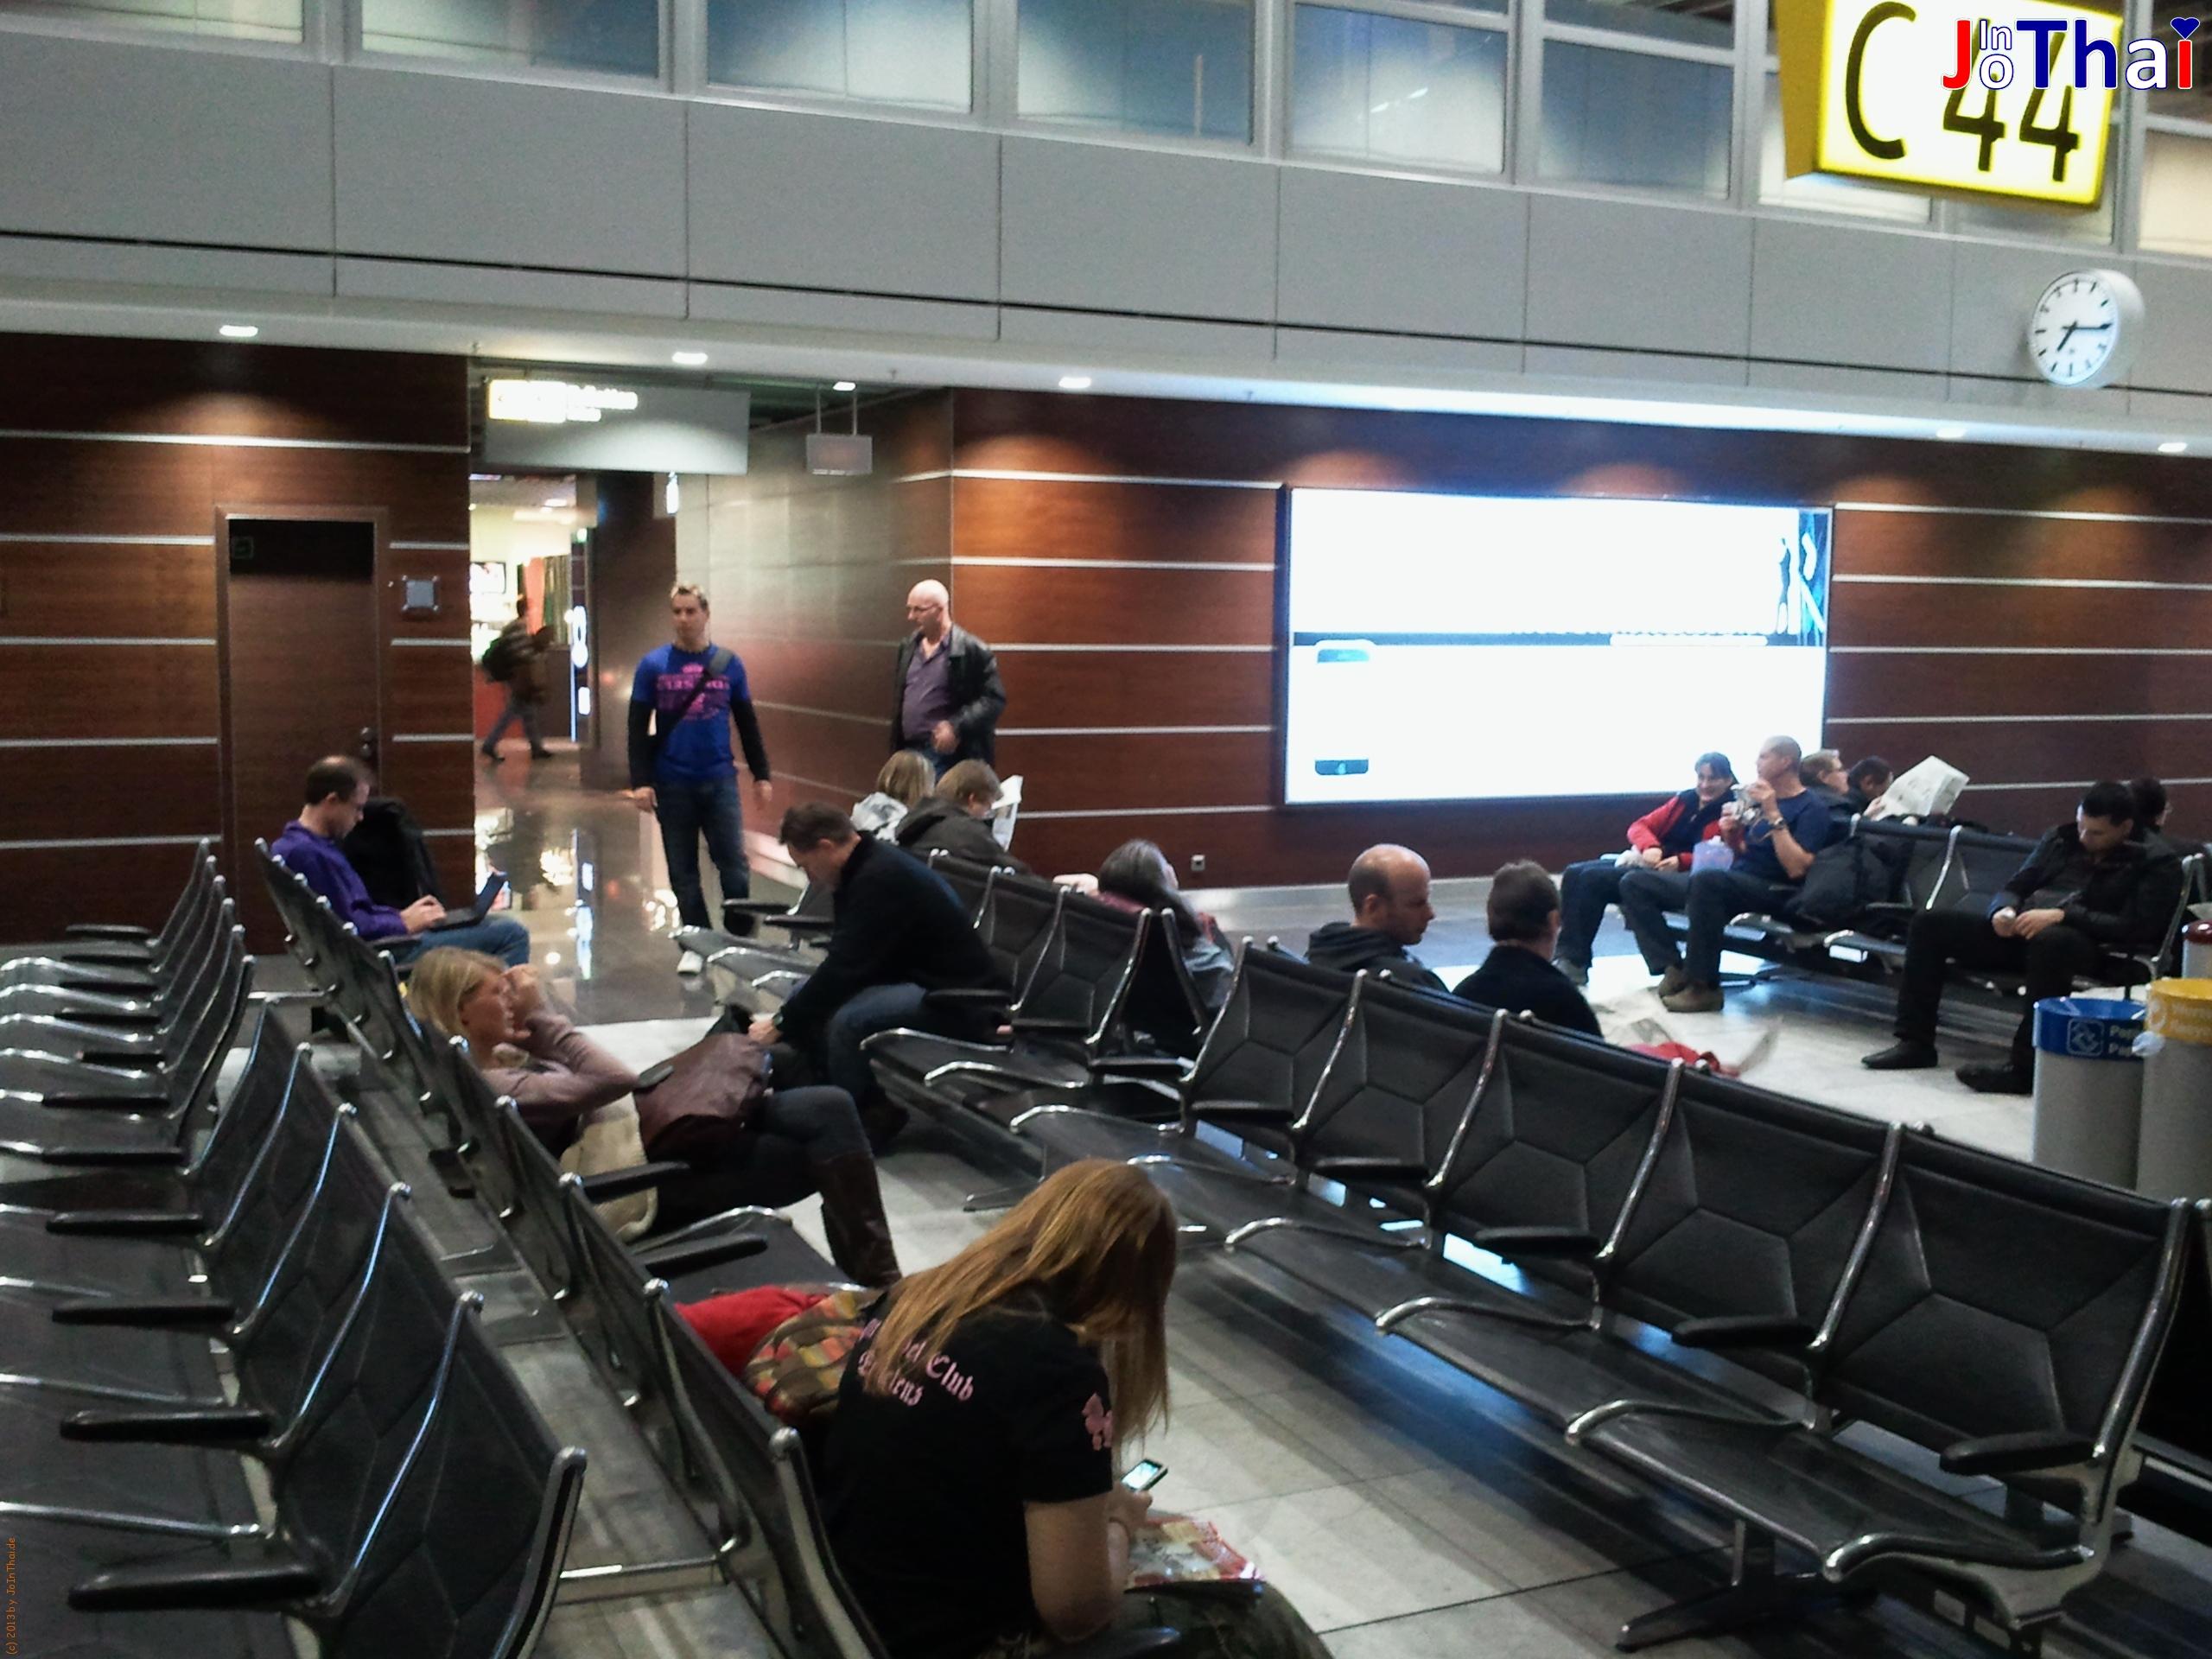 Warten am Gate 44 - Flughafen Düsseldorf